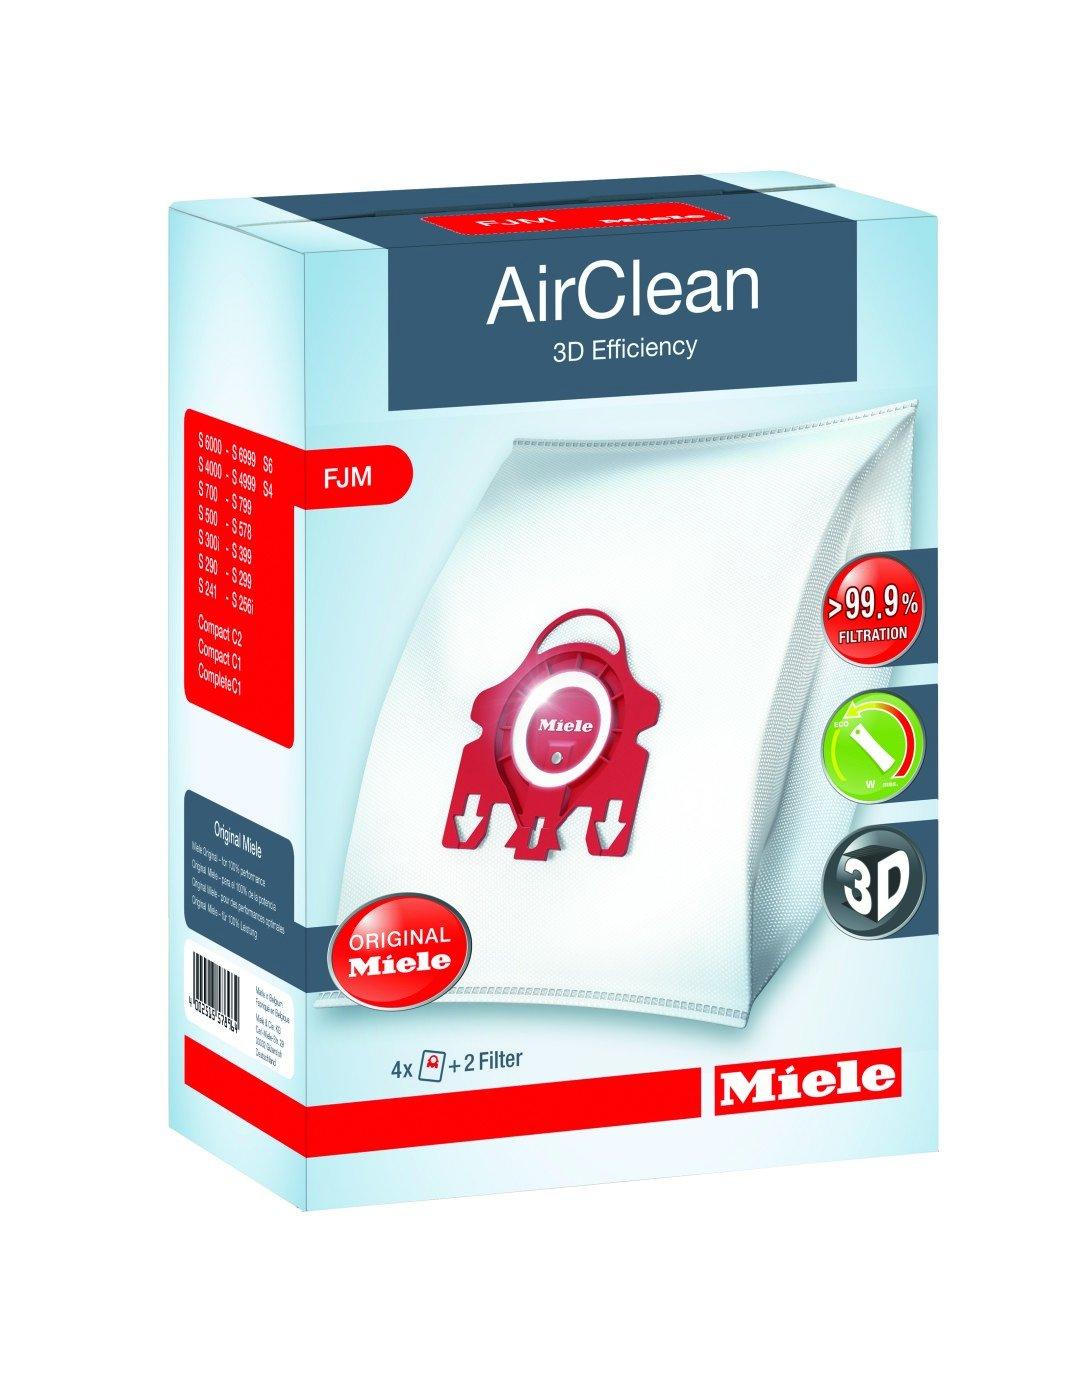 Miele FJM 3D AirClean FilterBags - 4 Pack